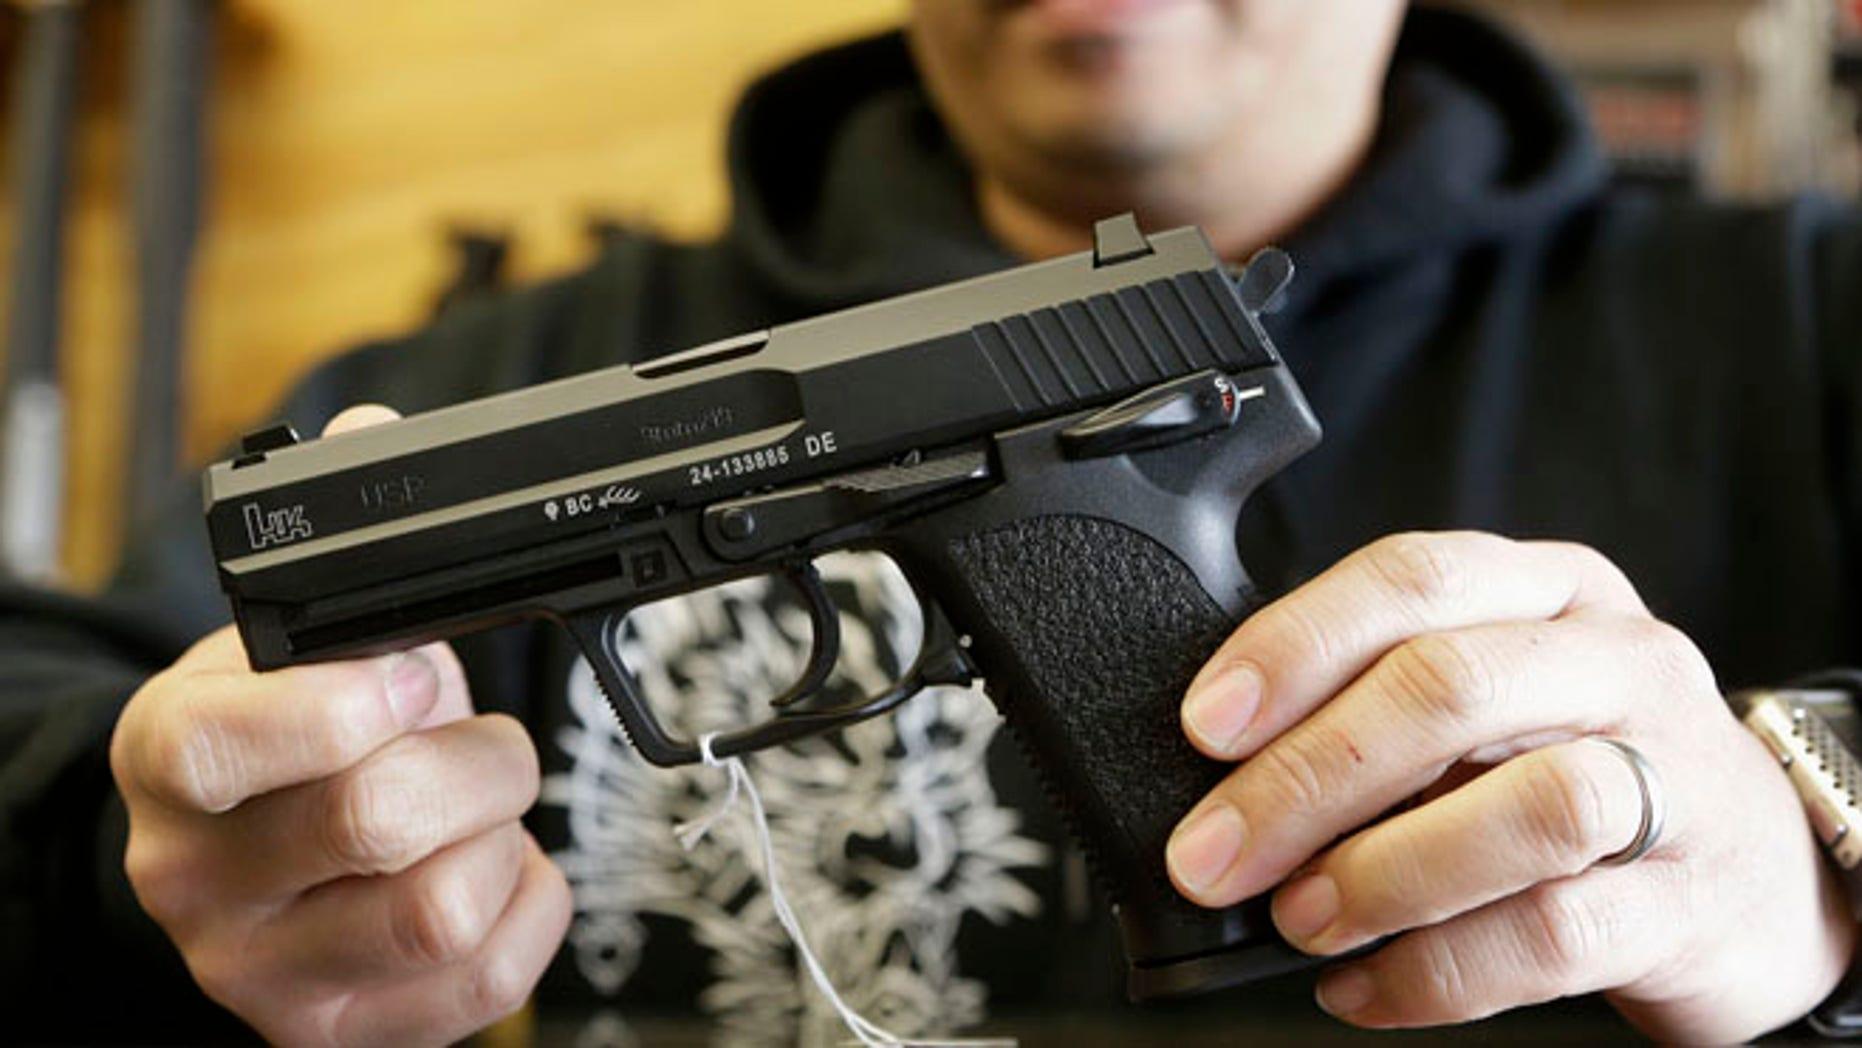 Dec. 19, 2012: A gun store worker holds up an HK USP 9mm handgun at High Bridge Arms Inc. in San Francisco.